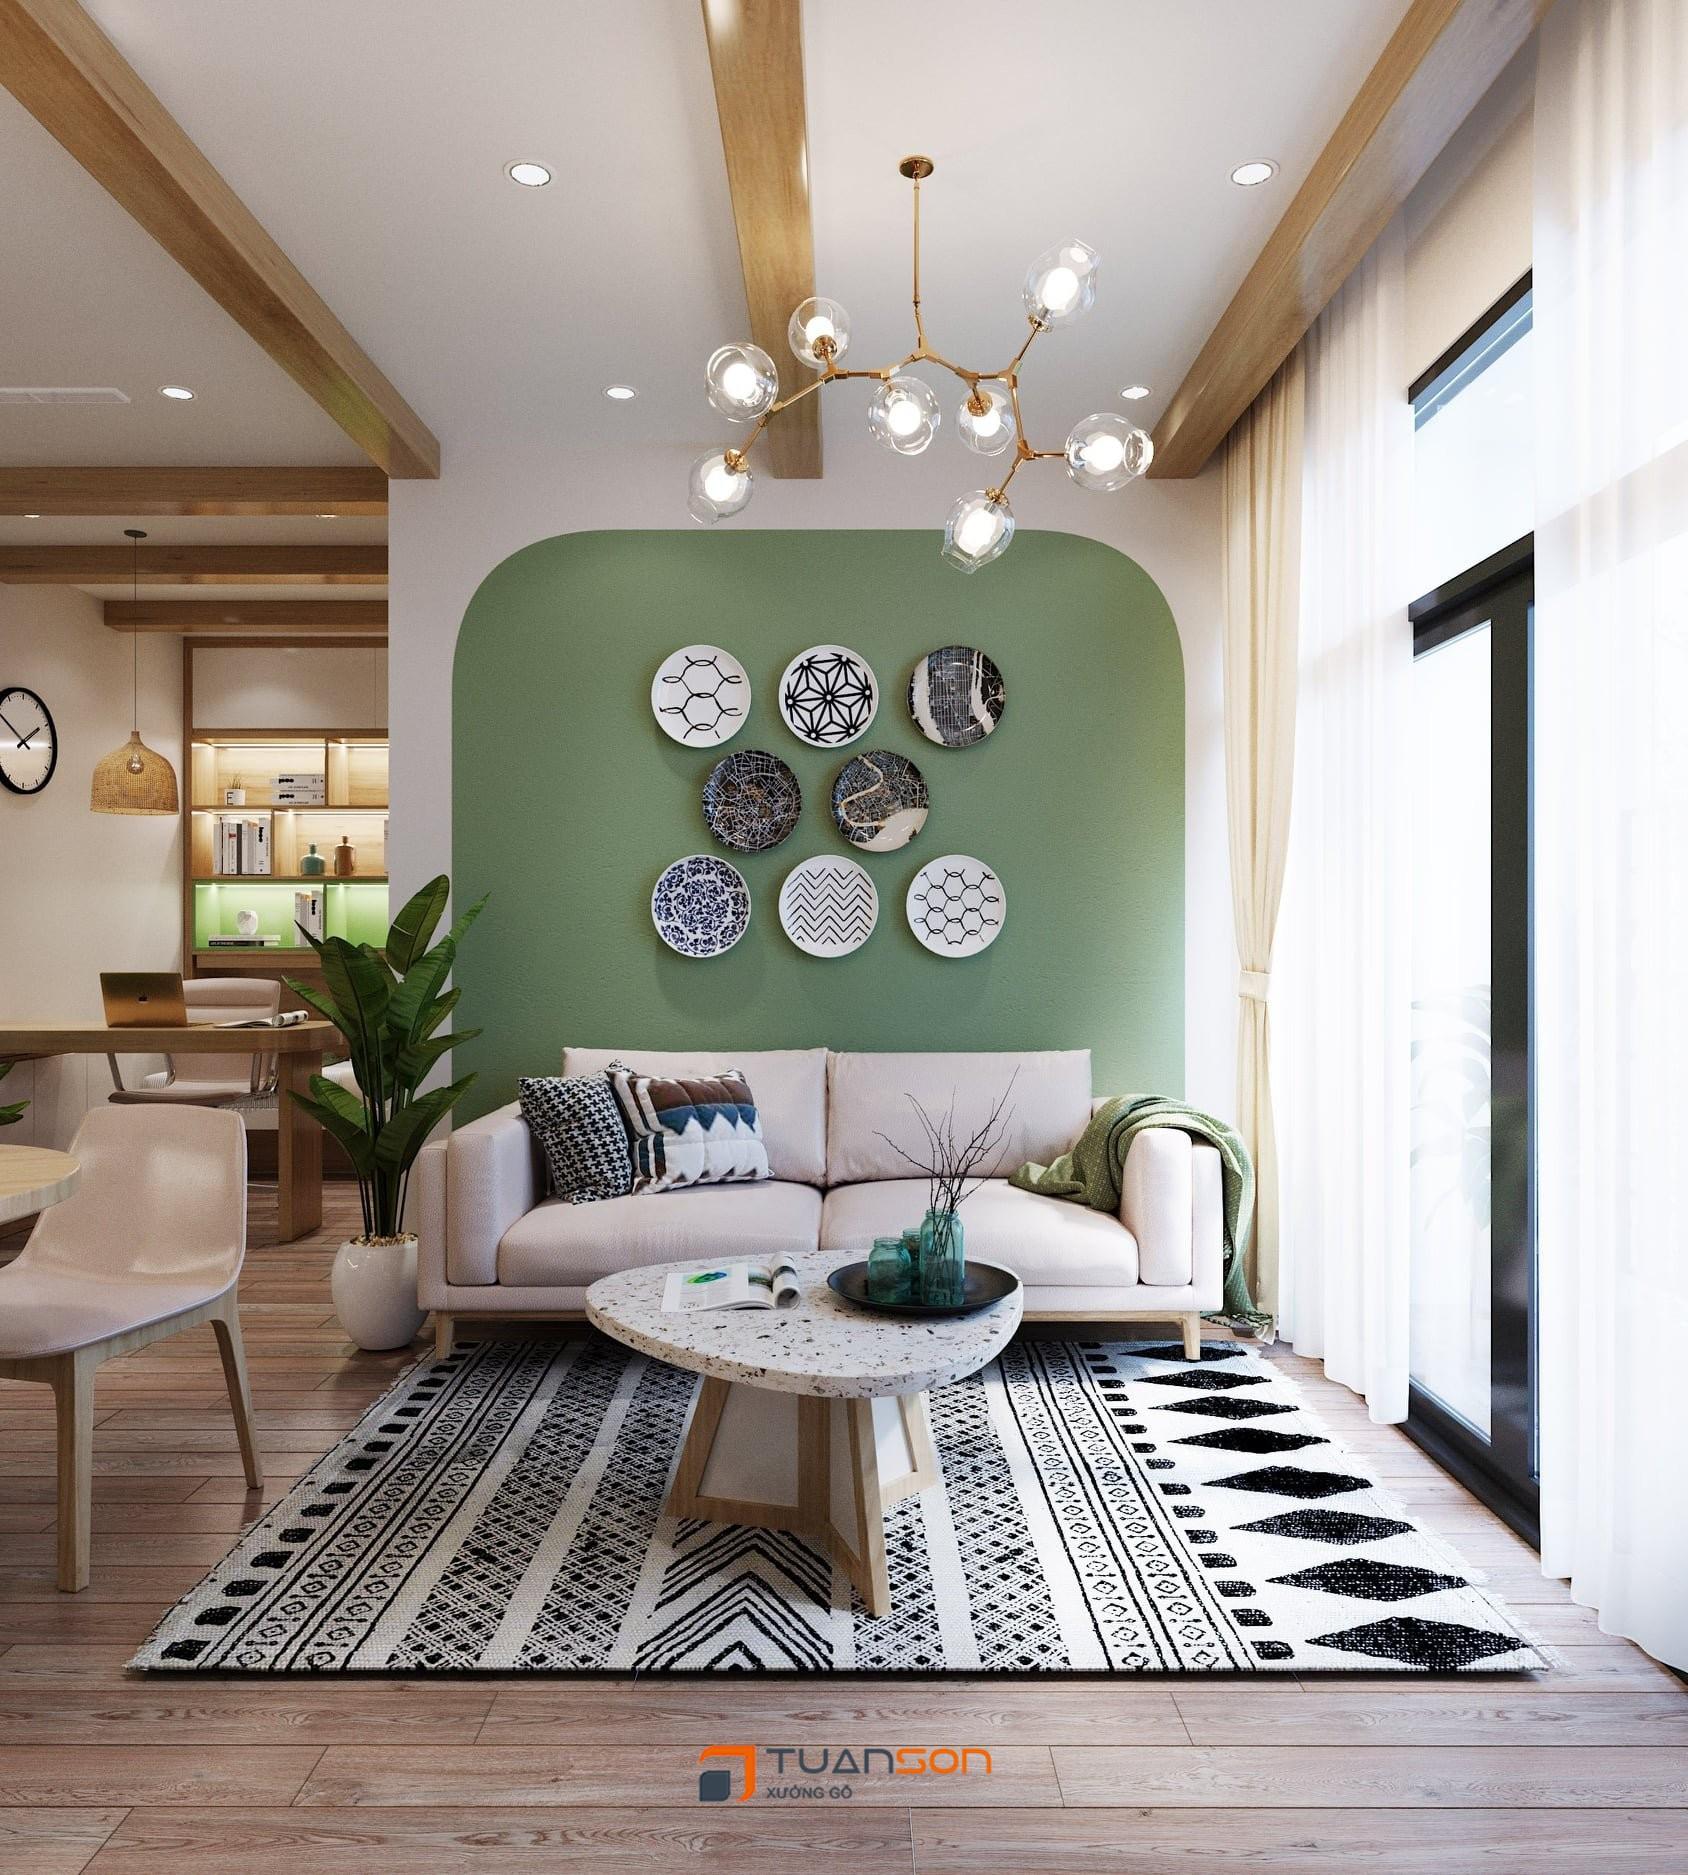 Hình ảnh thực tế nội thất căn hộ 1PN+1 (43m2) Vinhomes Ocean Park